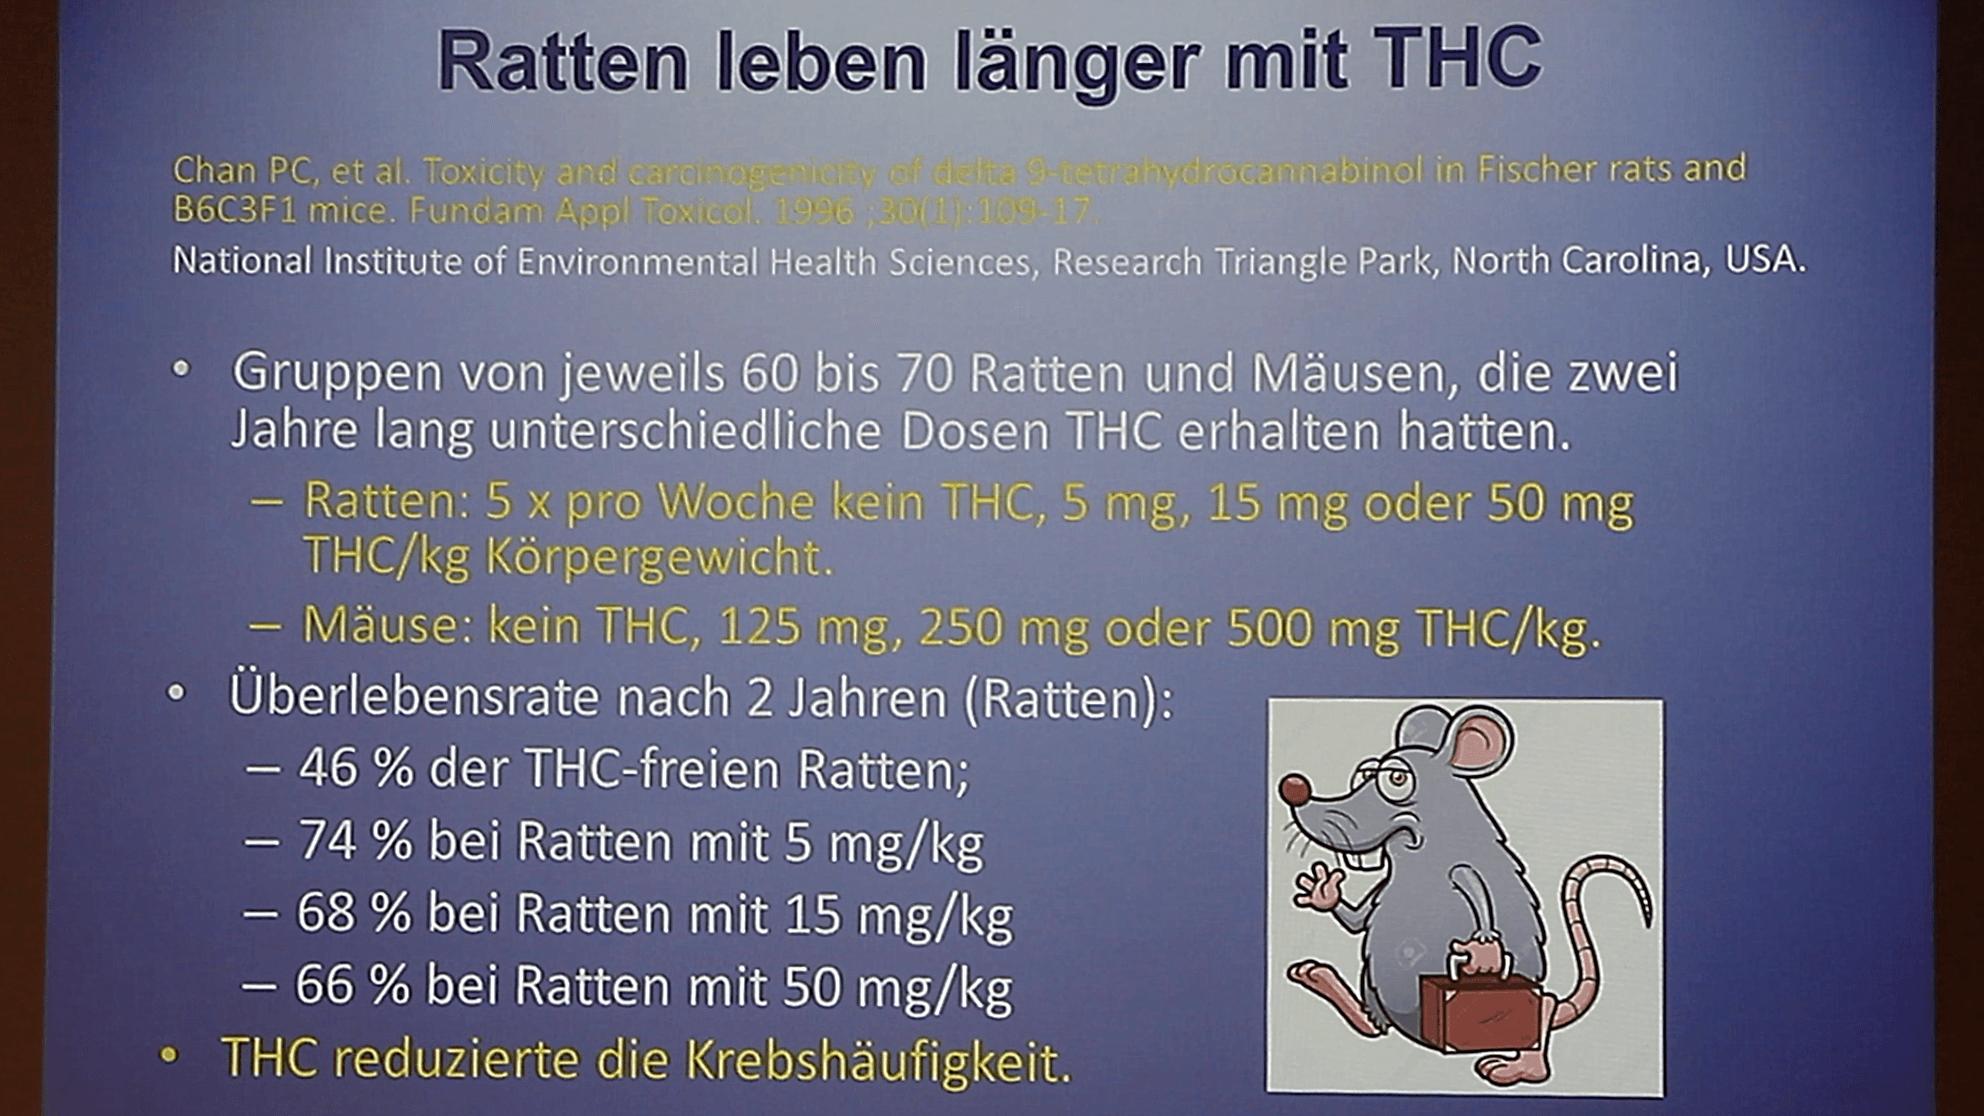 Bereits seit März 1996 öffentlich bekannt – THC mindert im Tierversuch das Krebs-Risiko von Ratten